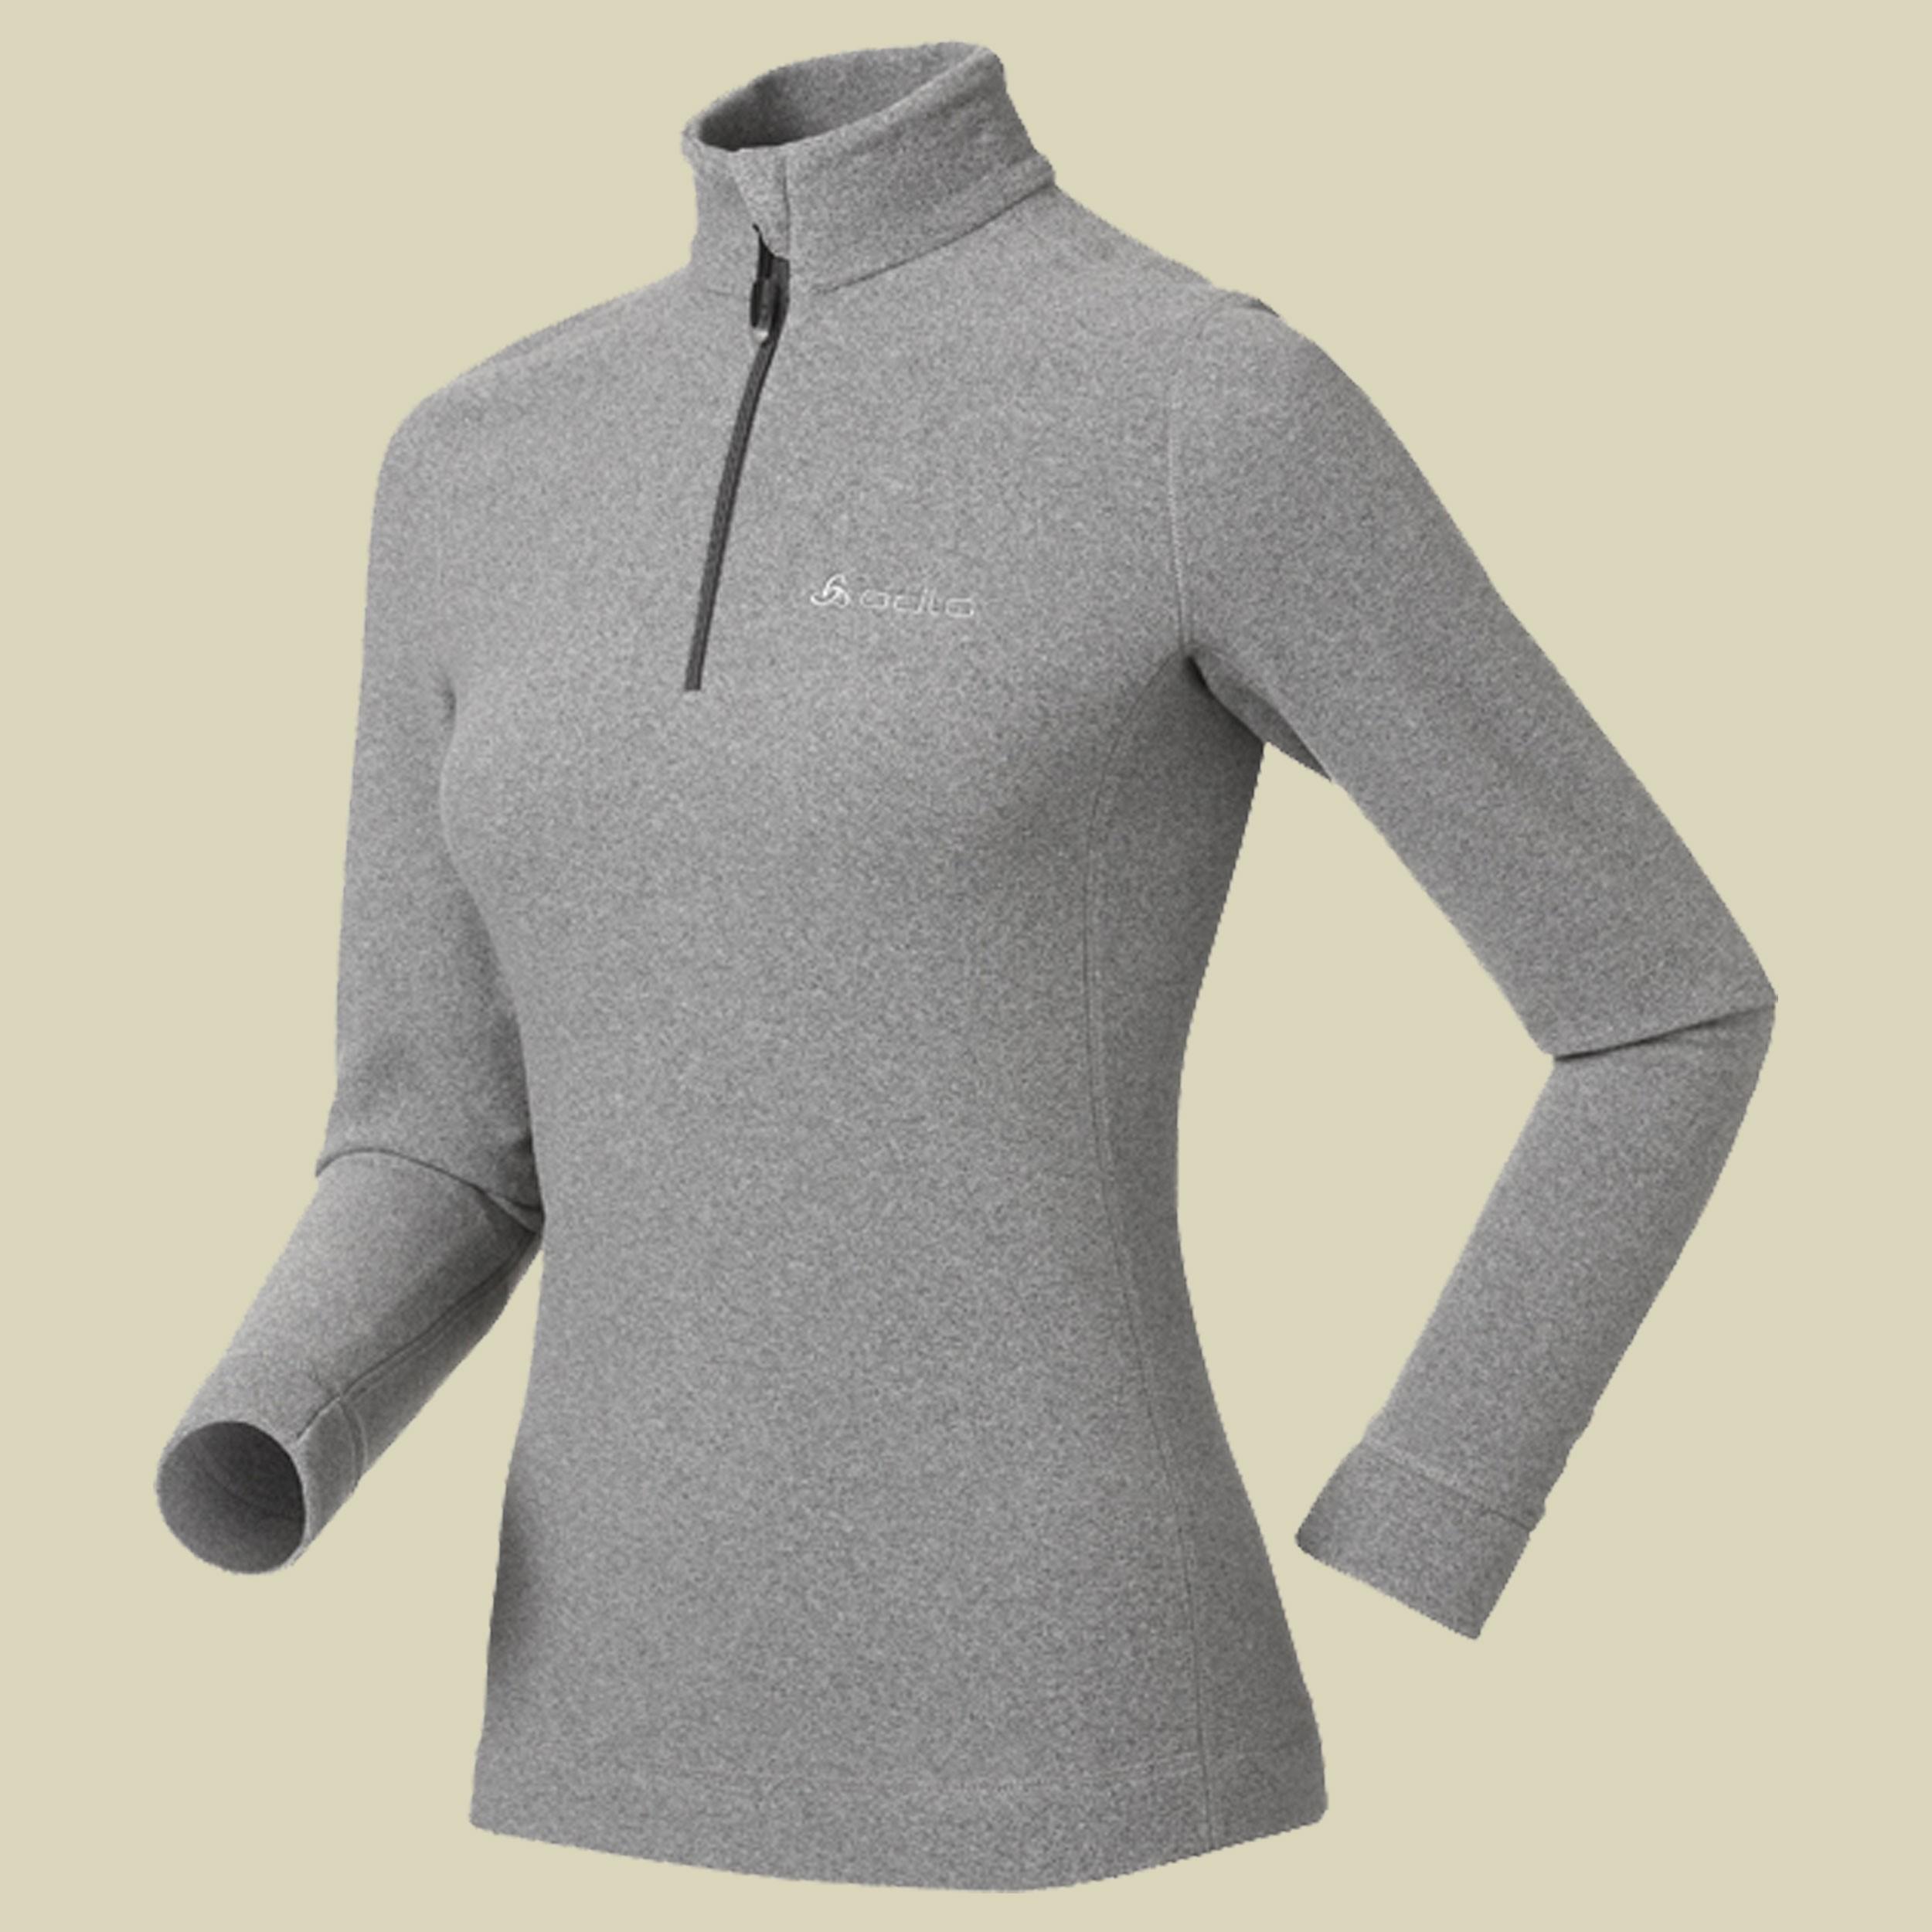 Stand-up collar 1/2 zip LA SALLE 210501